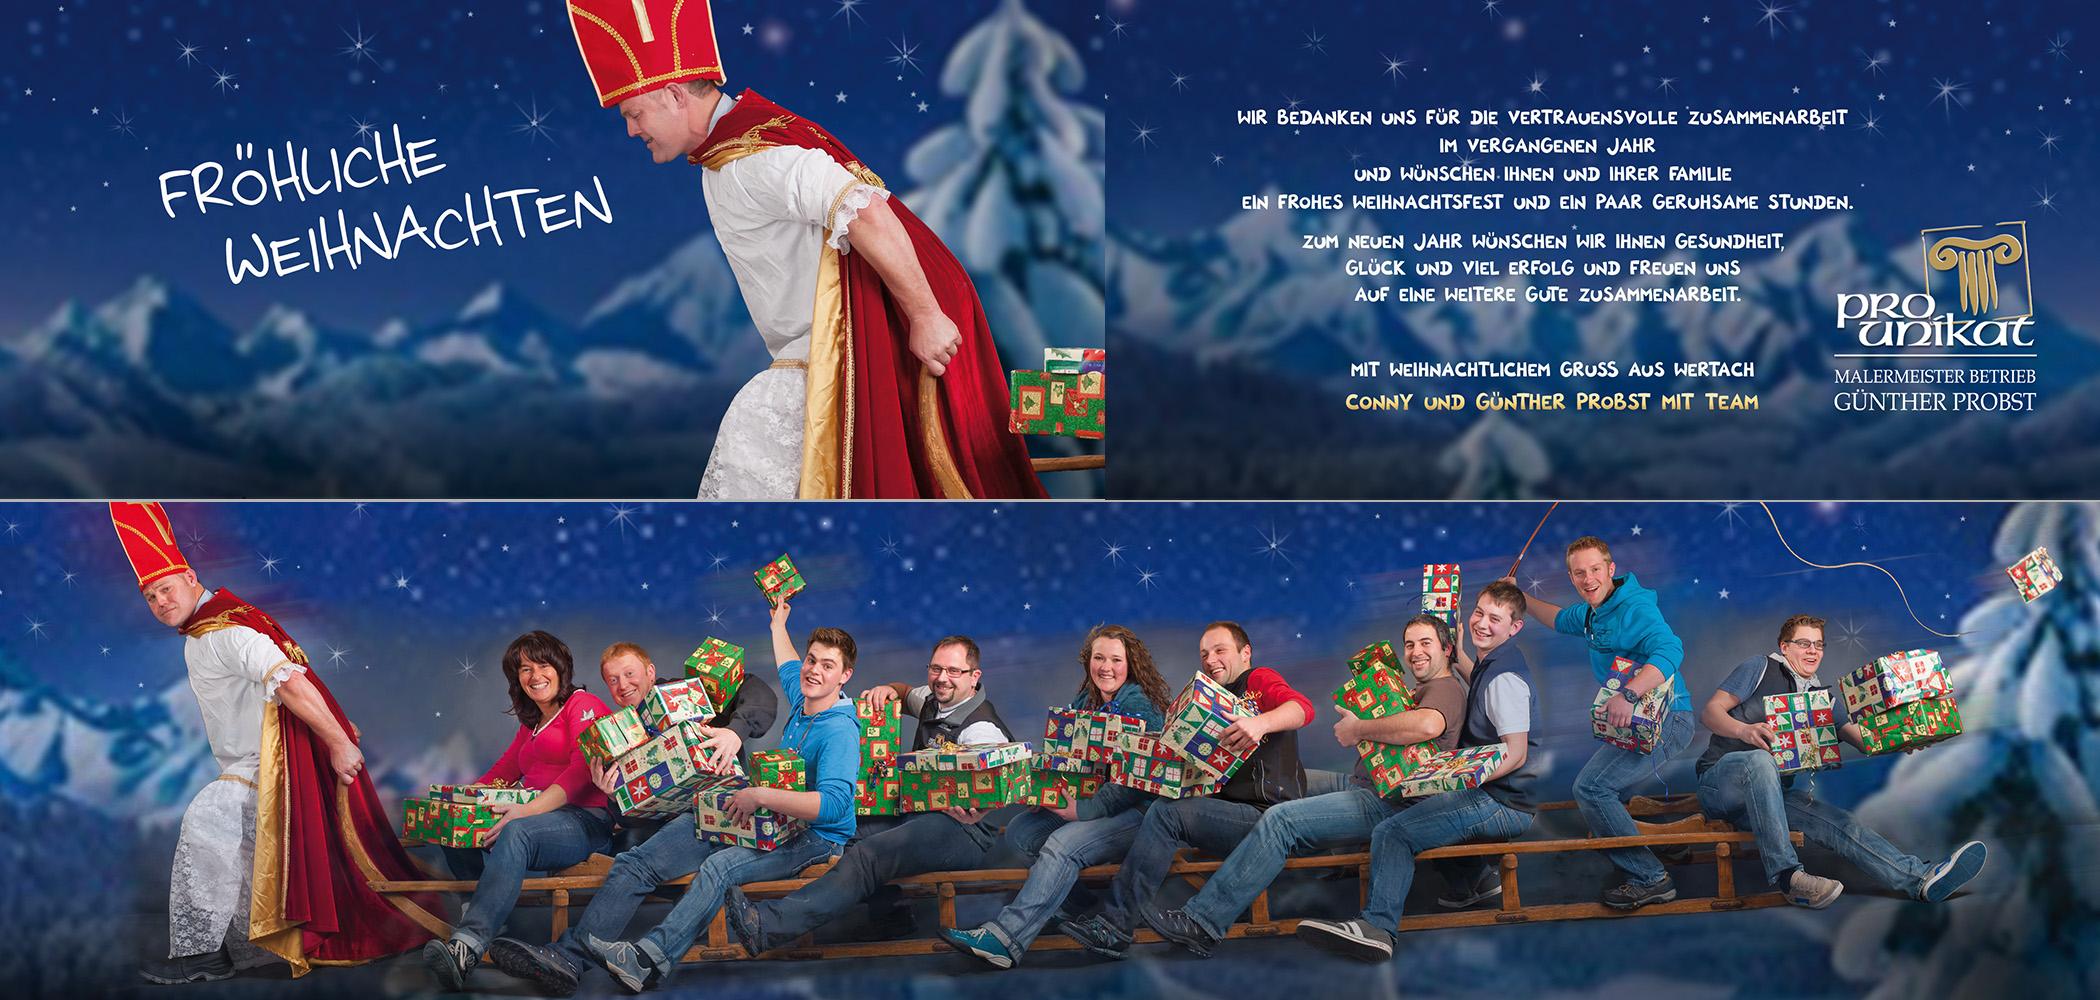 Weihnachtskarten 2013